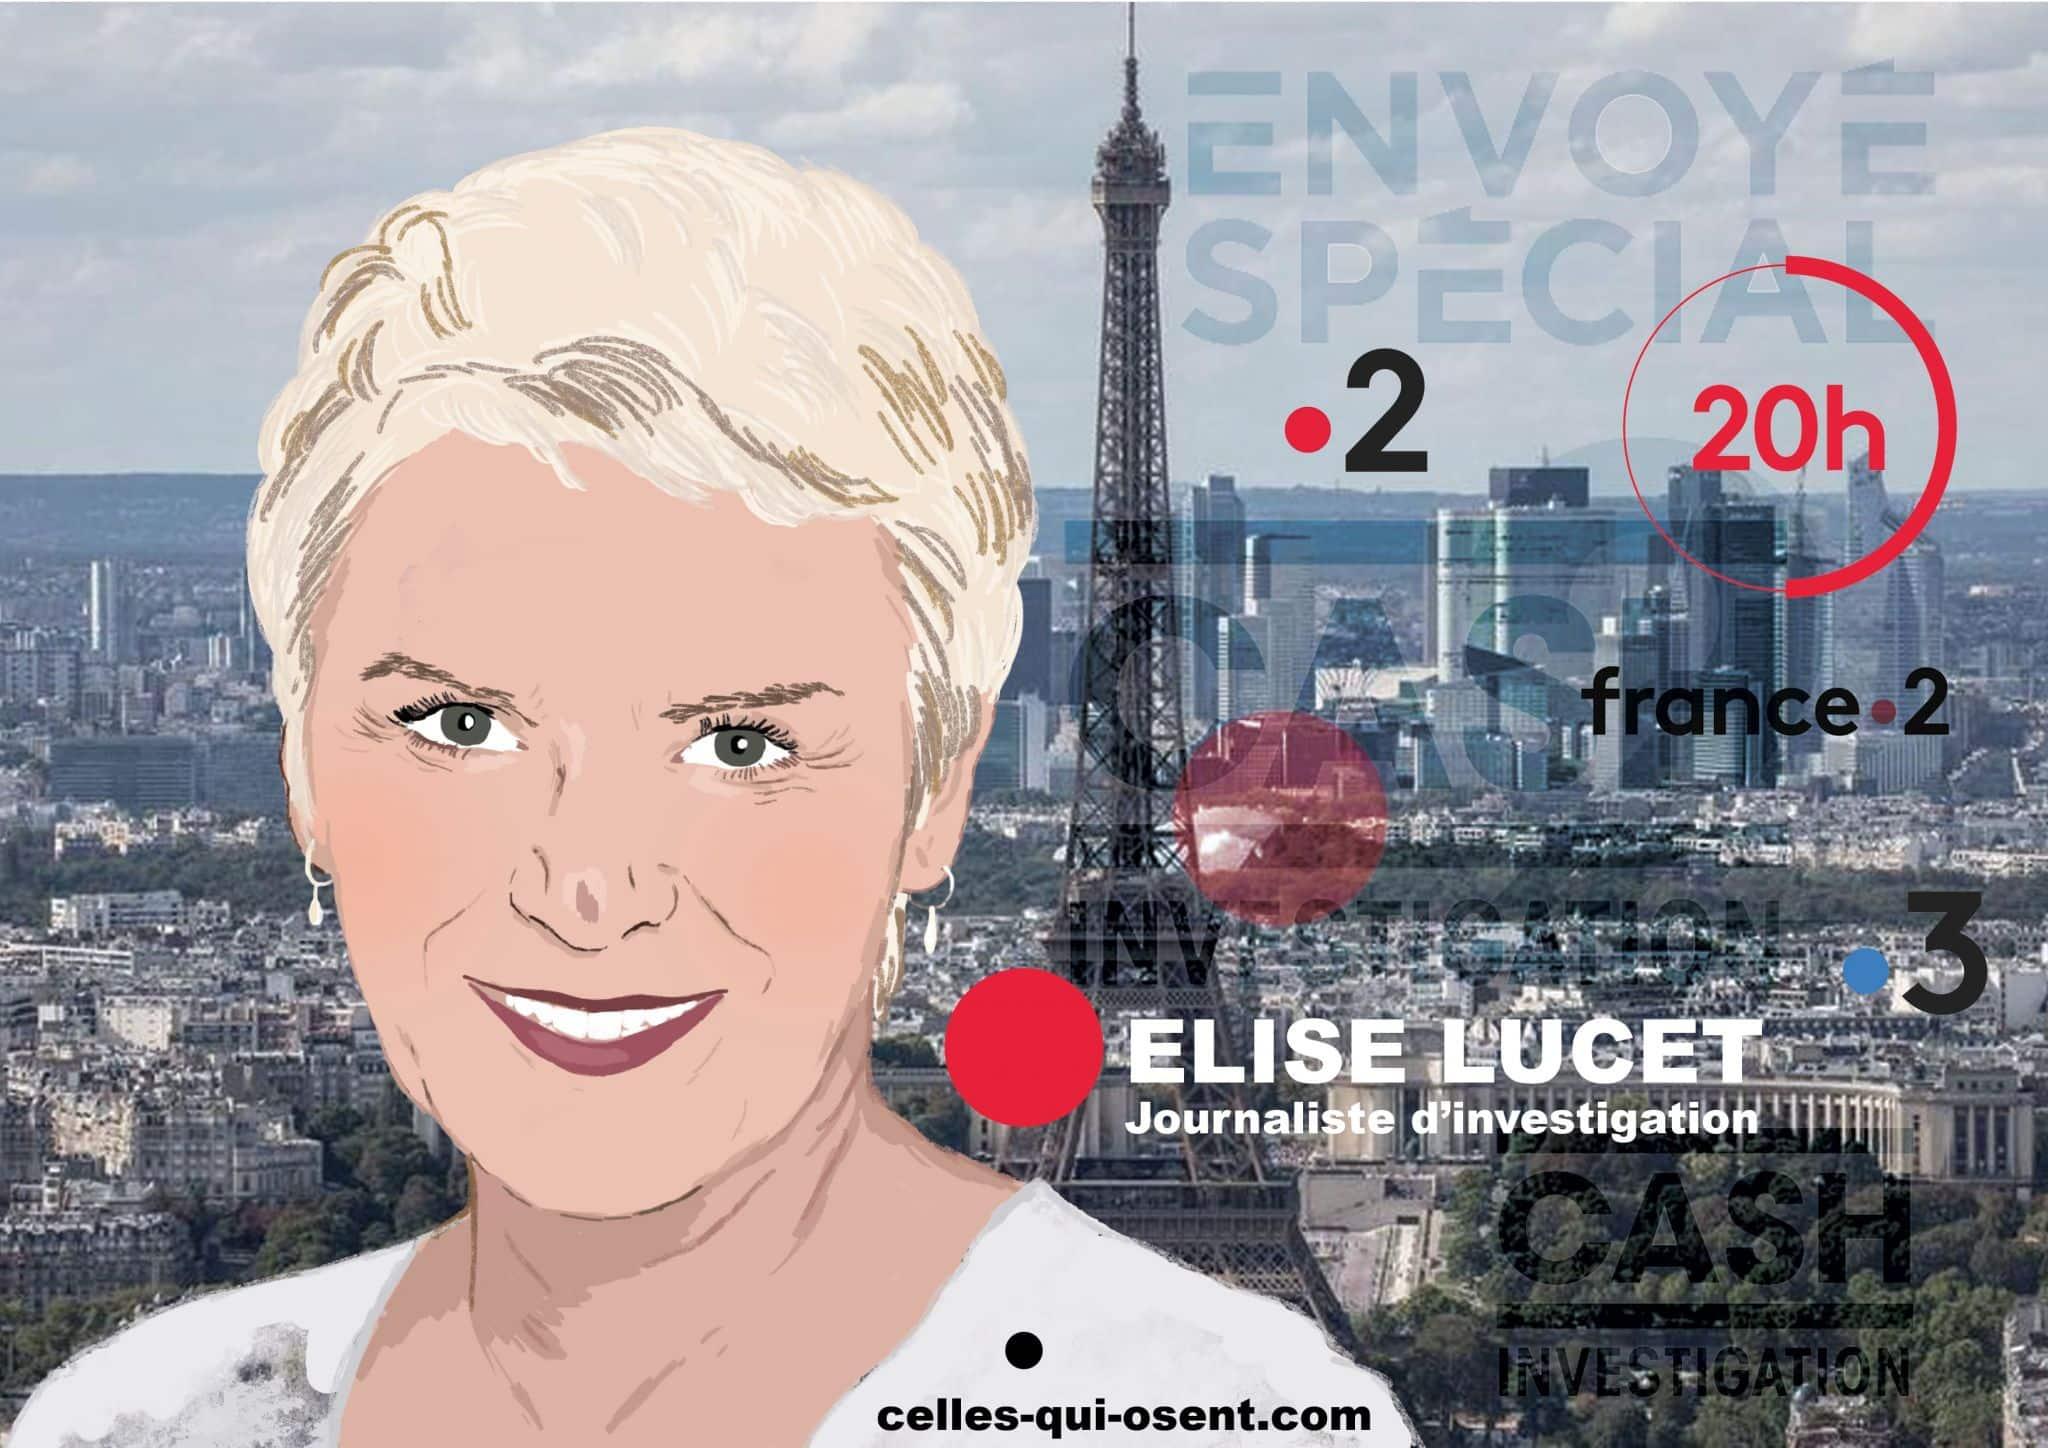 elise-lucet-journaliste-investigation-celles-qui-osent-CQO